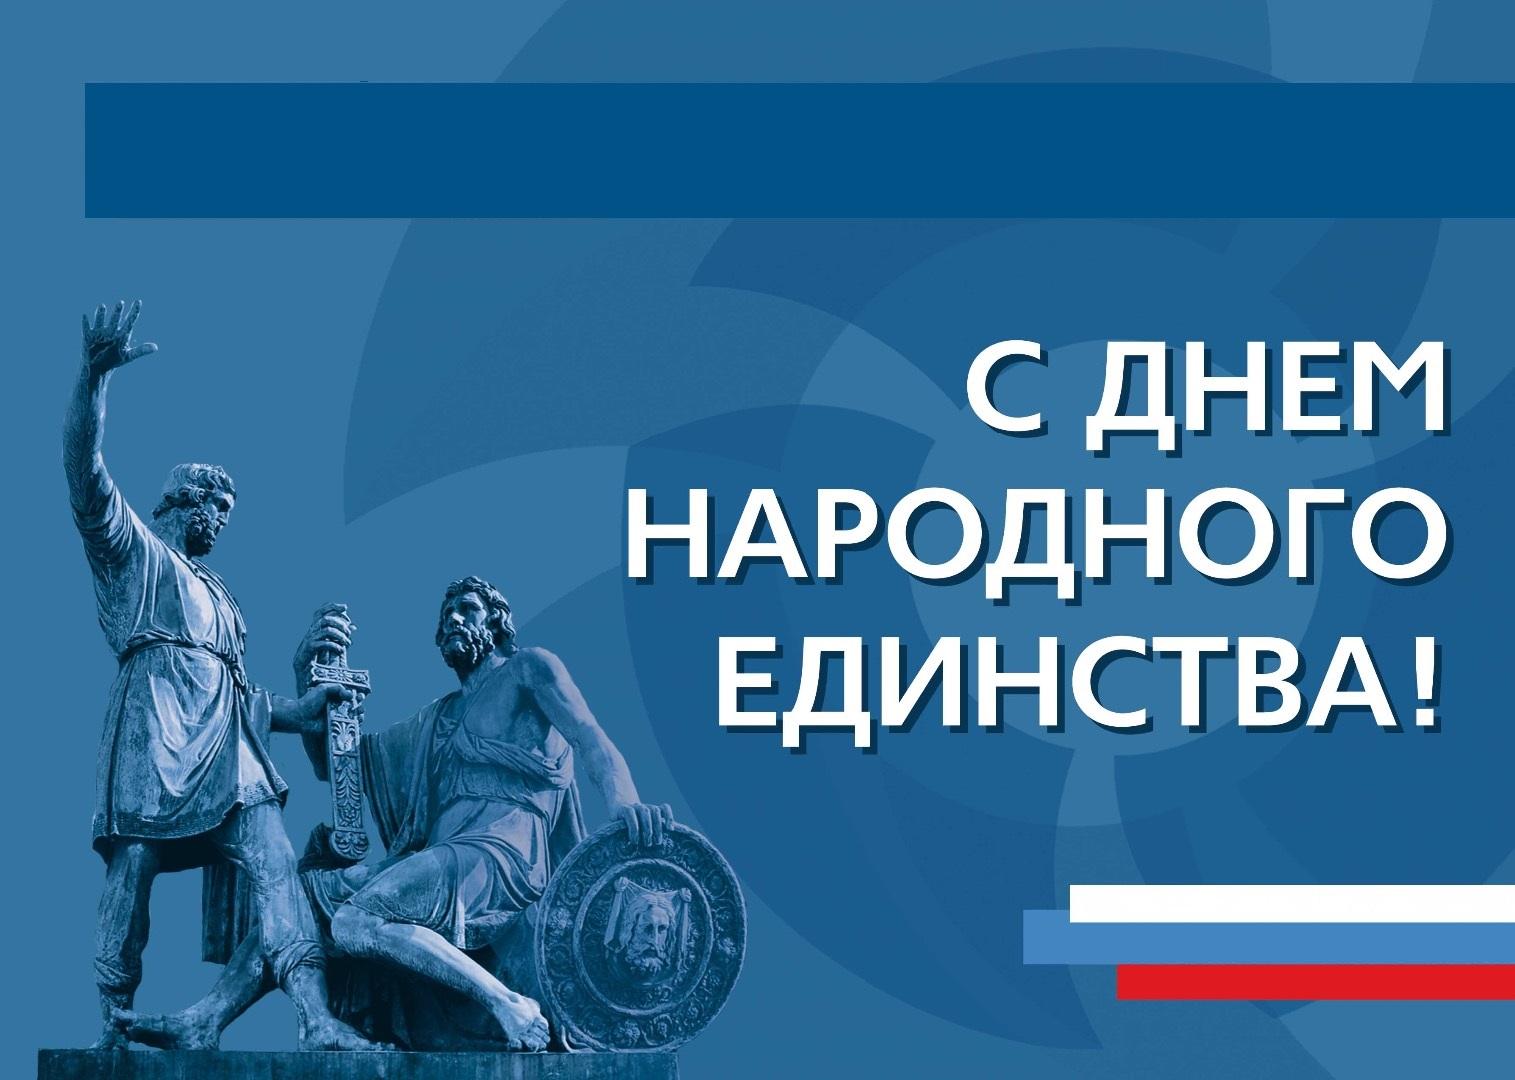 Картинки день народного единства 4 ноября